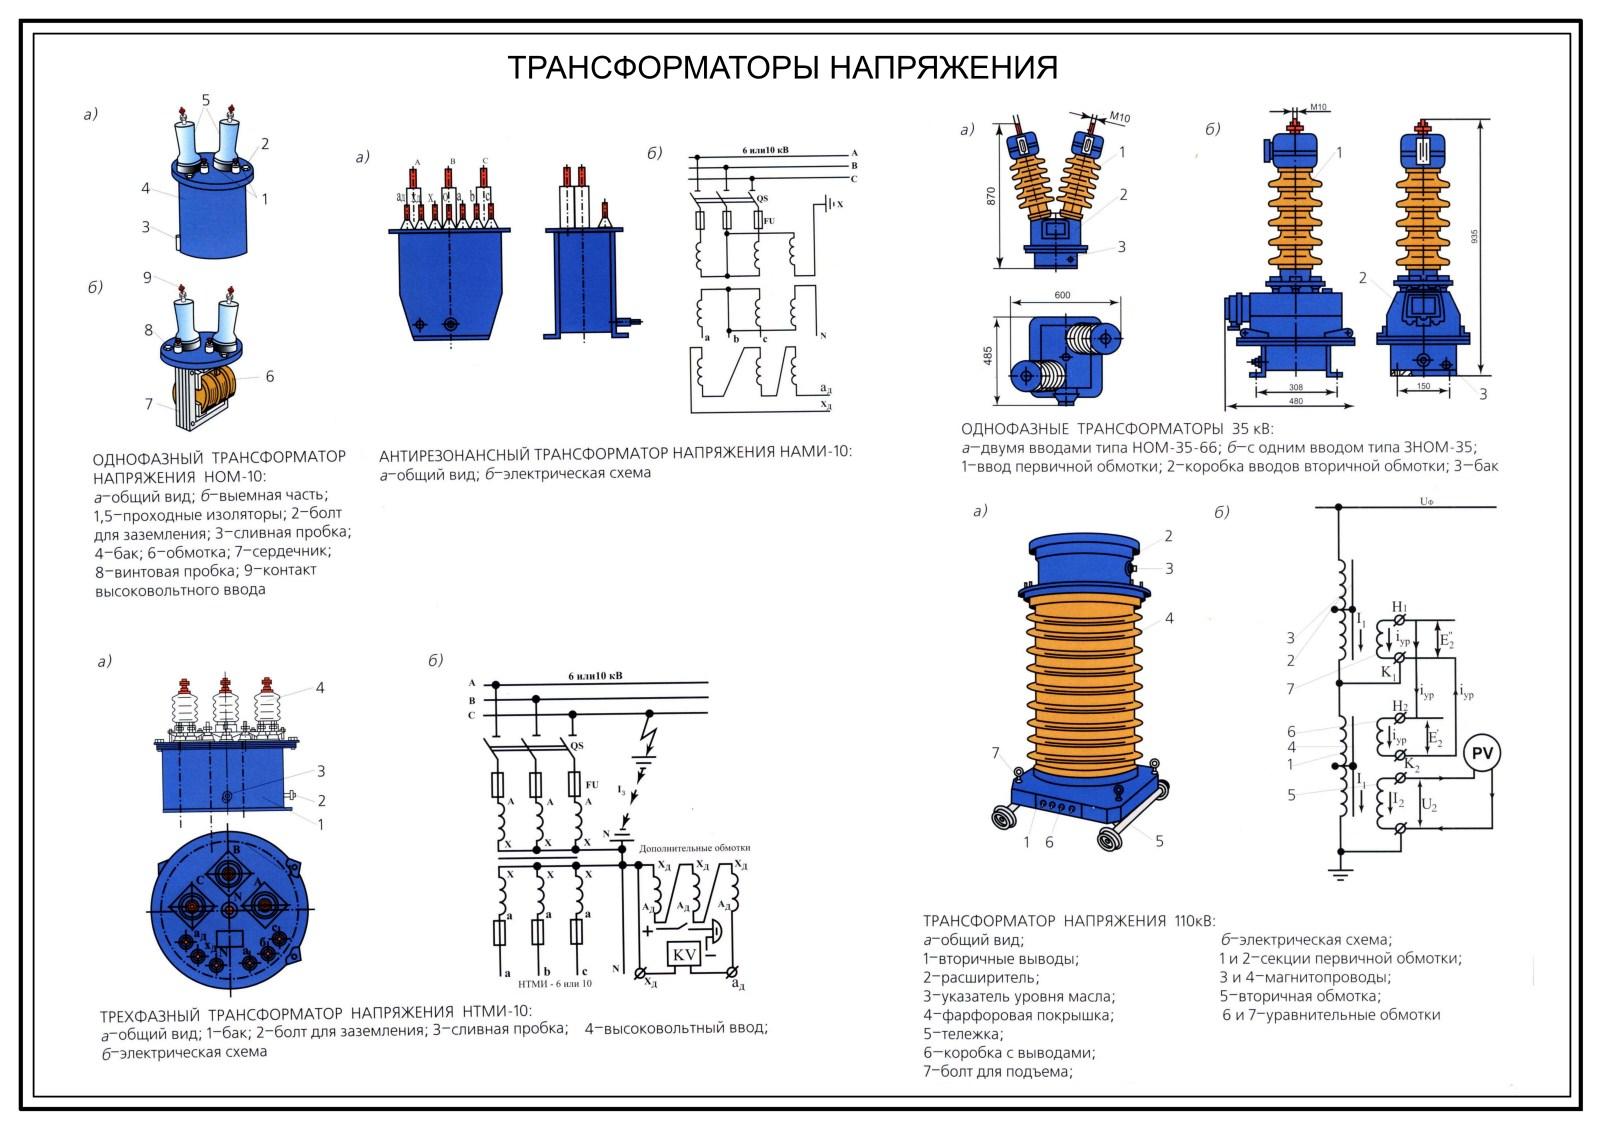 Схема подключения трансформатора напряжения нами-110